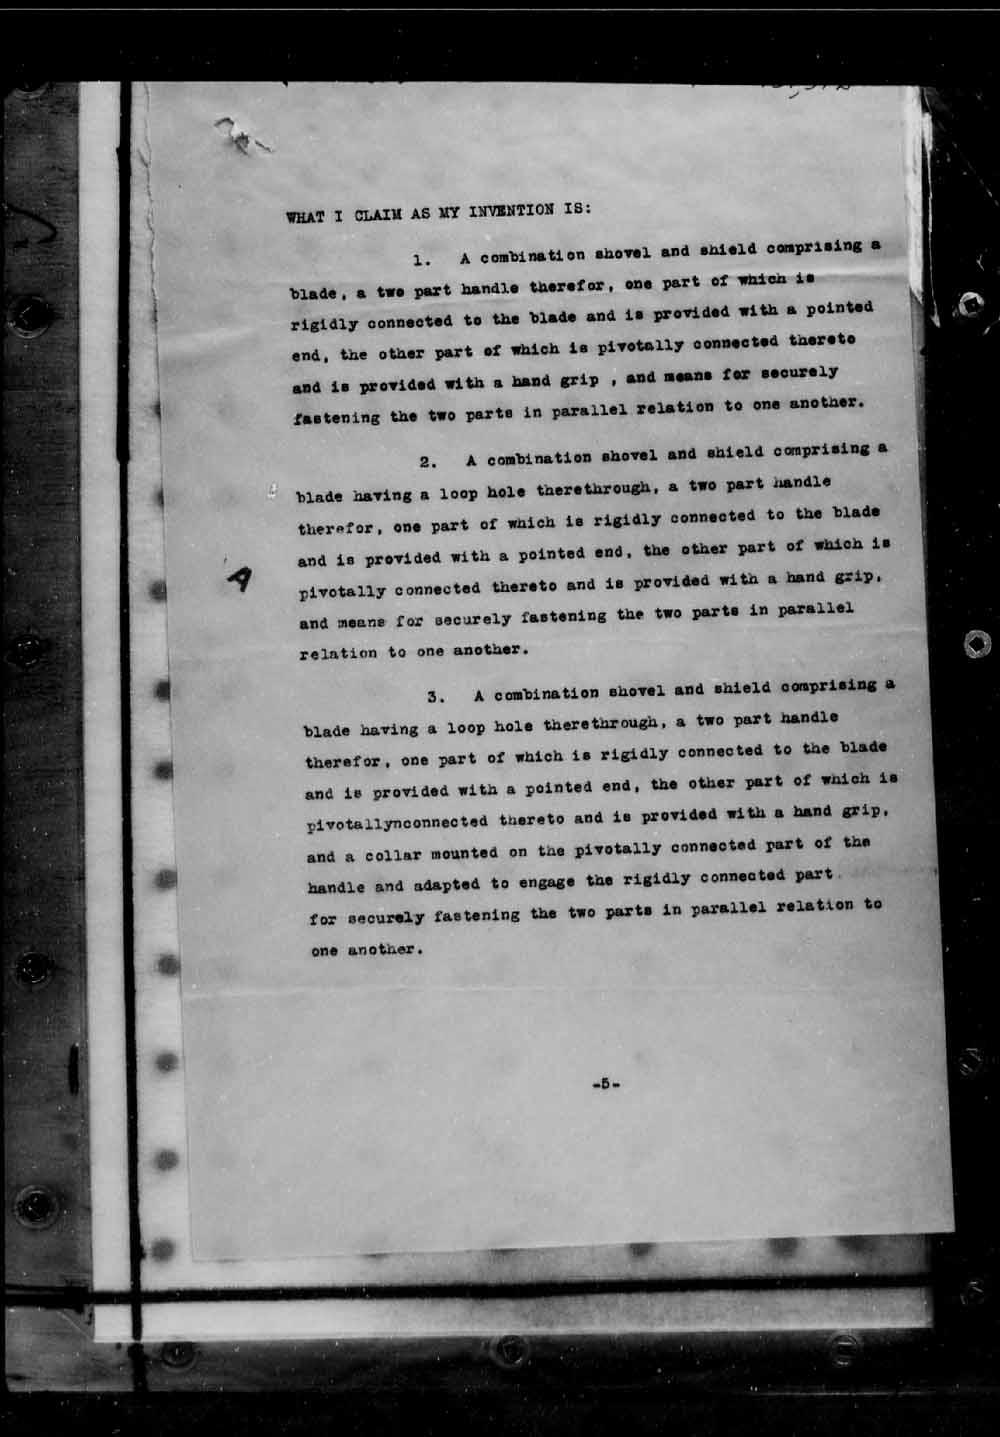 Page numérisé de Brevets canadiens, 1869-1919 pour l'image numéro: e005691678